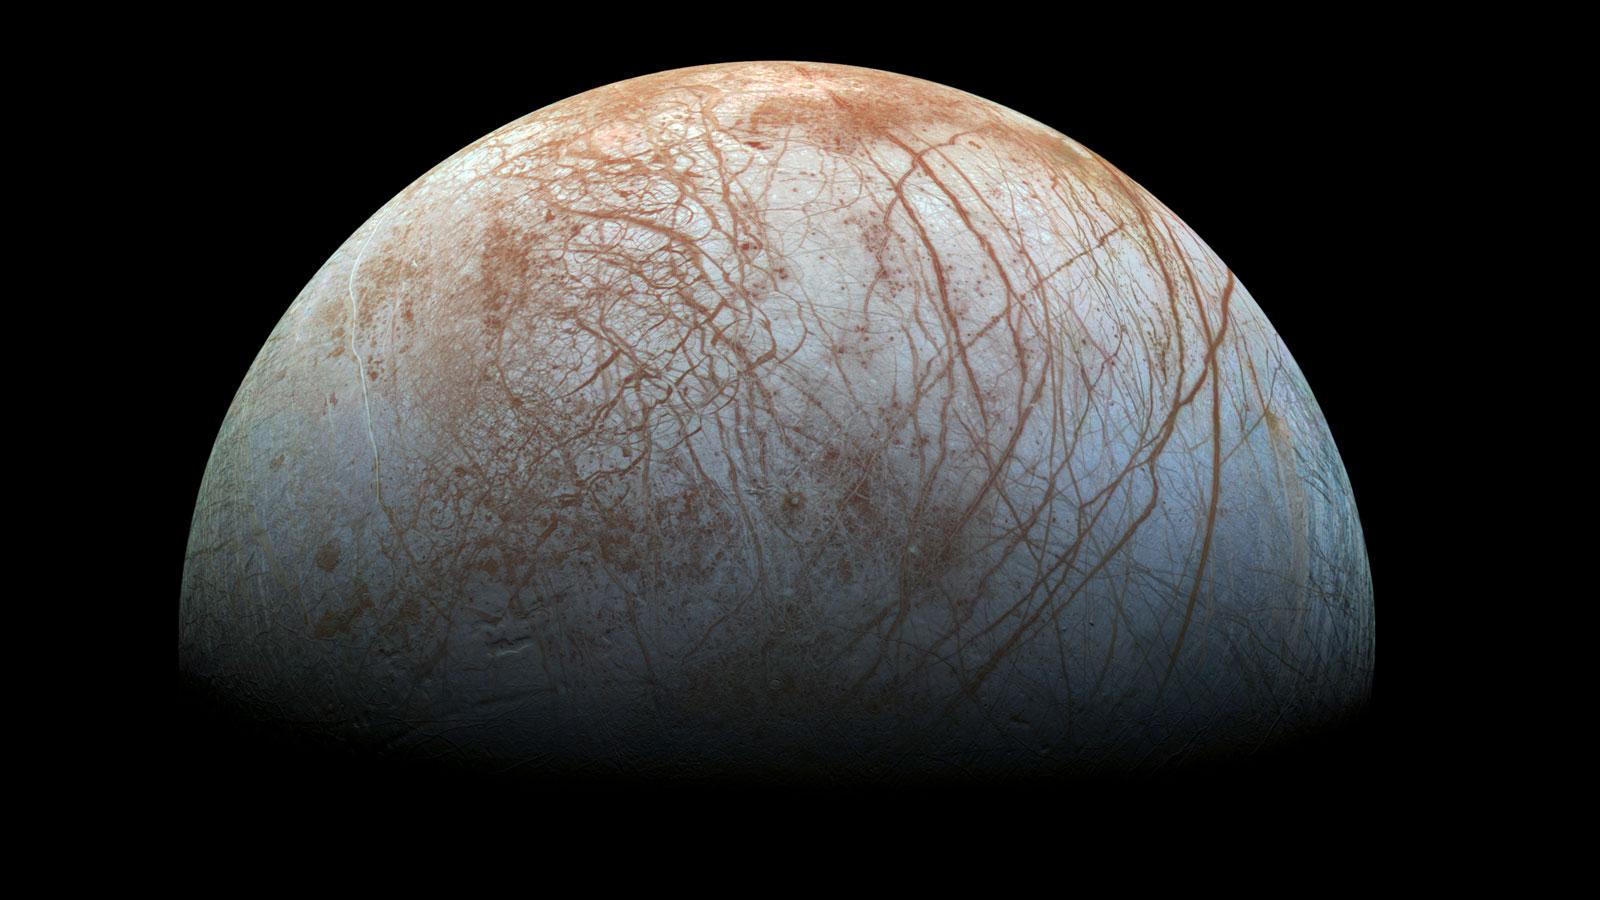 Europa, una de las lunas de Júpiter, bajo cuya superficie habría un océano capaz de albergar vida. FOTO: NASA